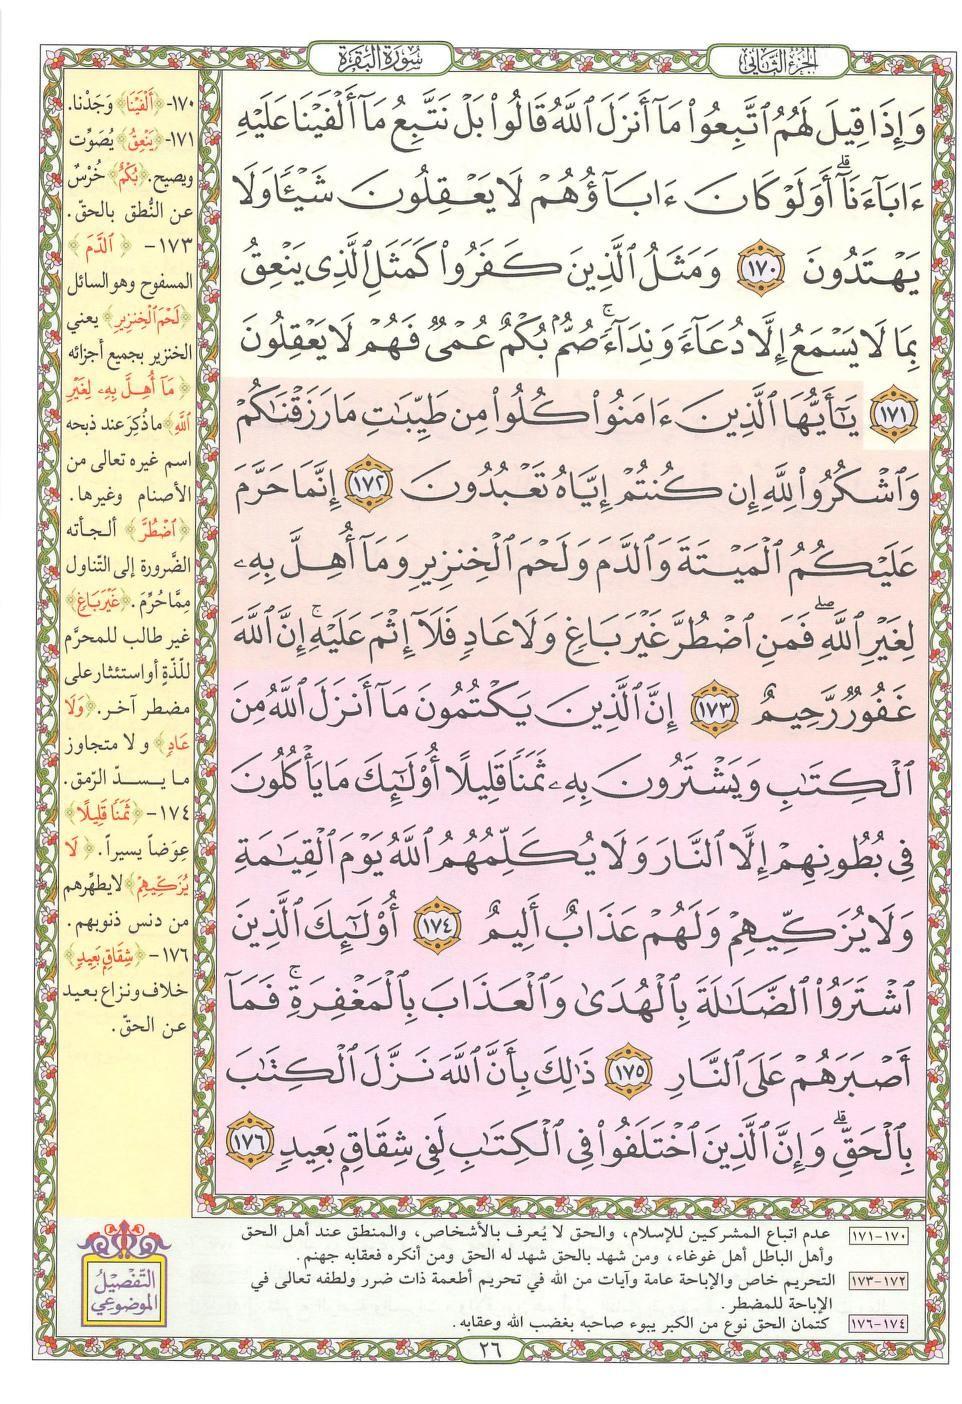 ١٧٠ ١٧٦ البقرة مصحف التفصيل الموضوعي Quran Verses Bullet Journal Verses